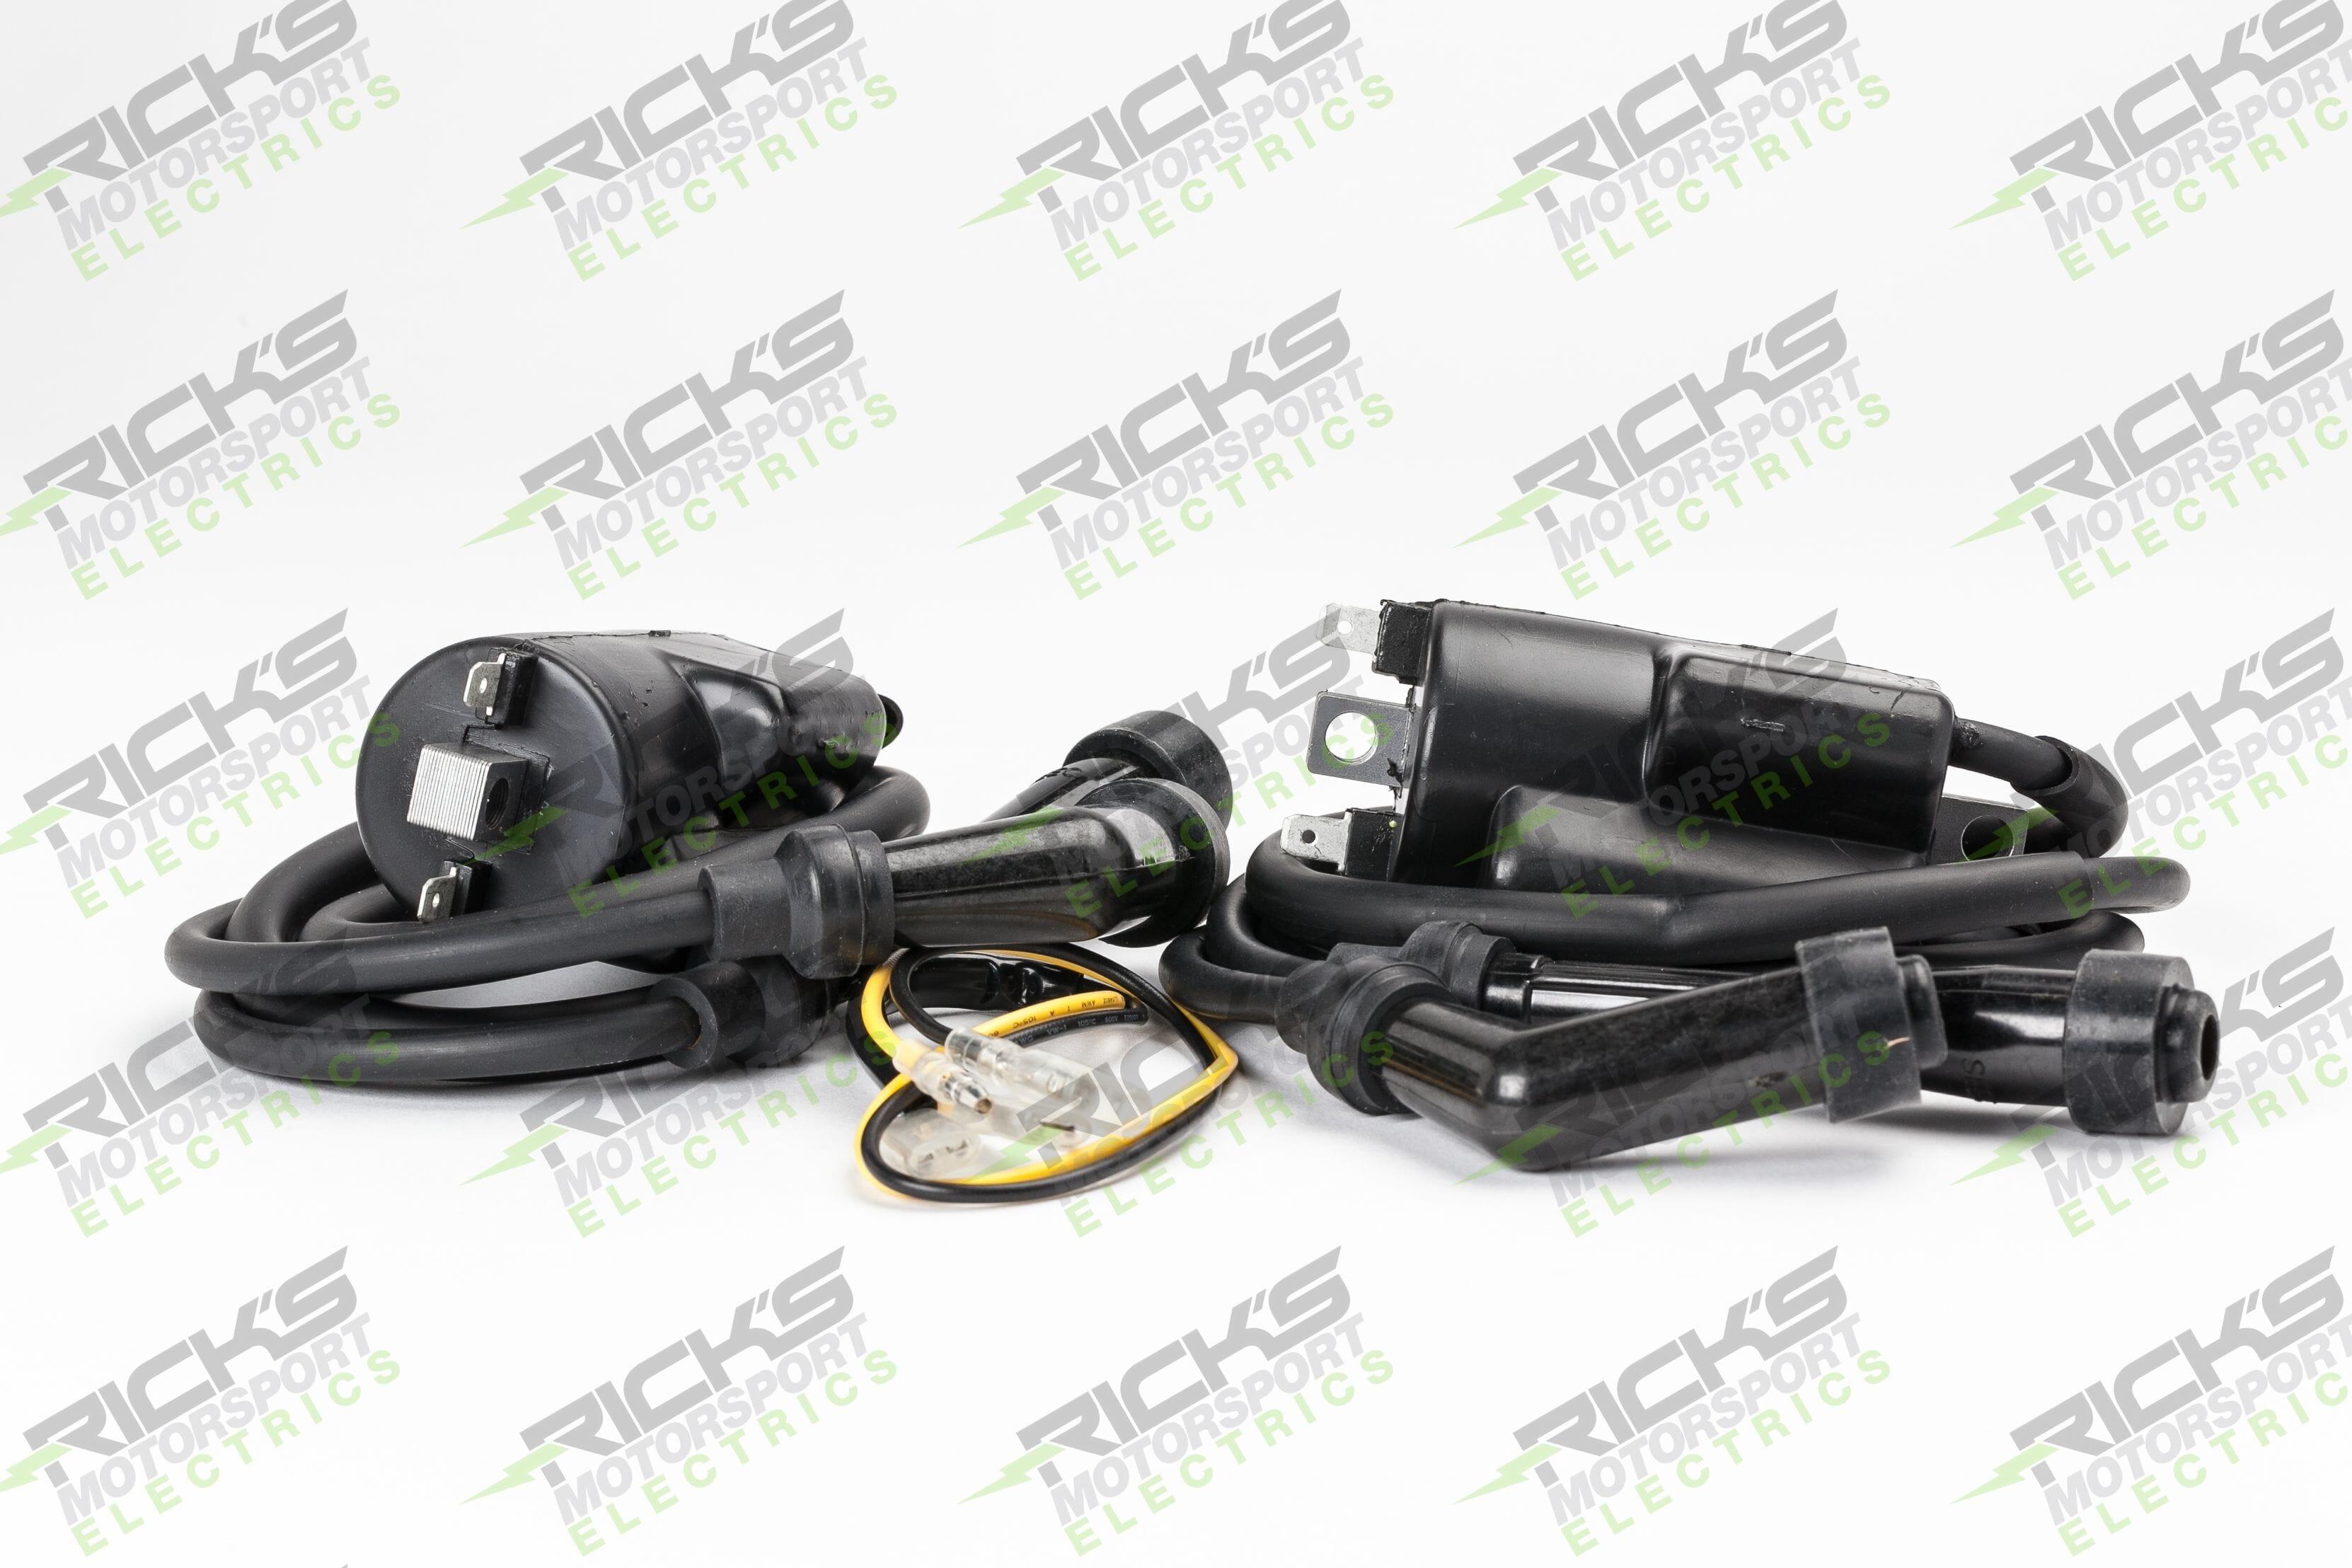 Kawasaki Ignition Coils 23_201